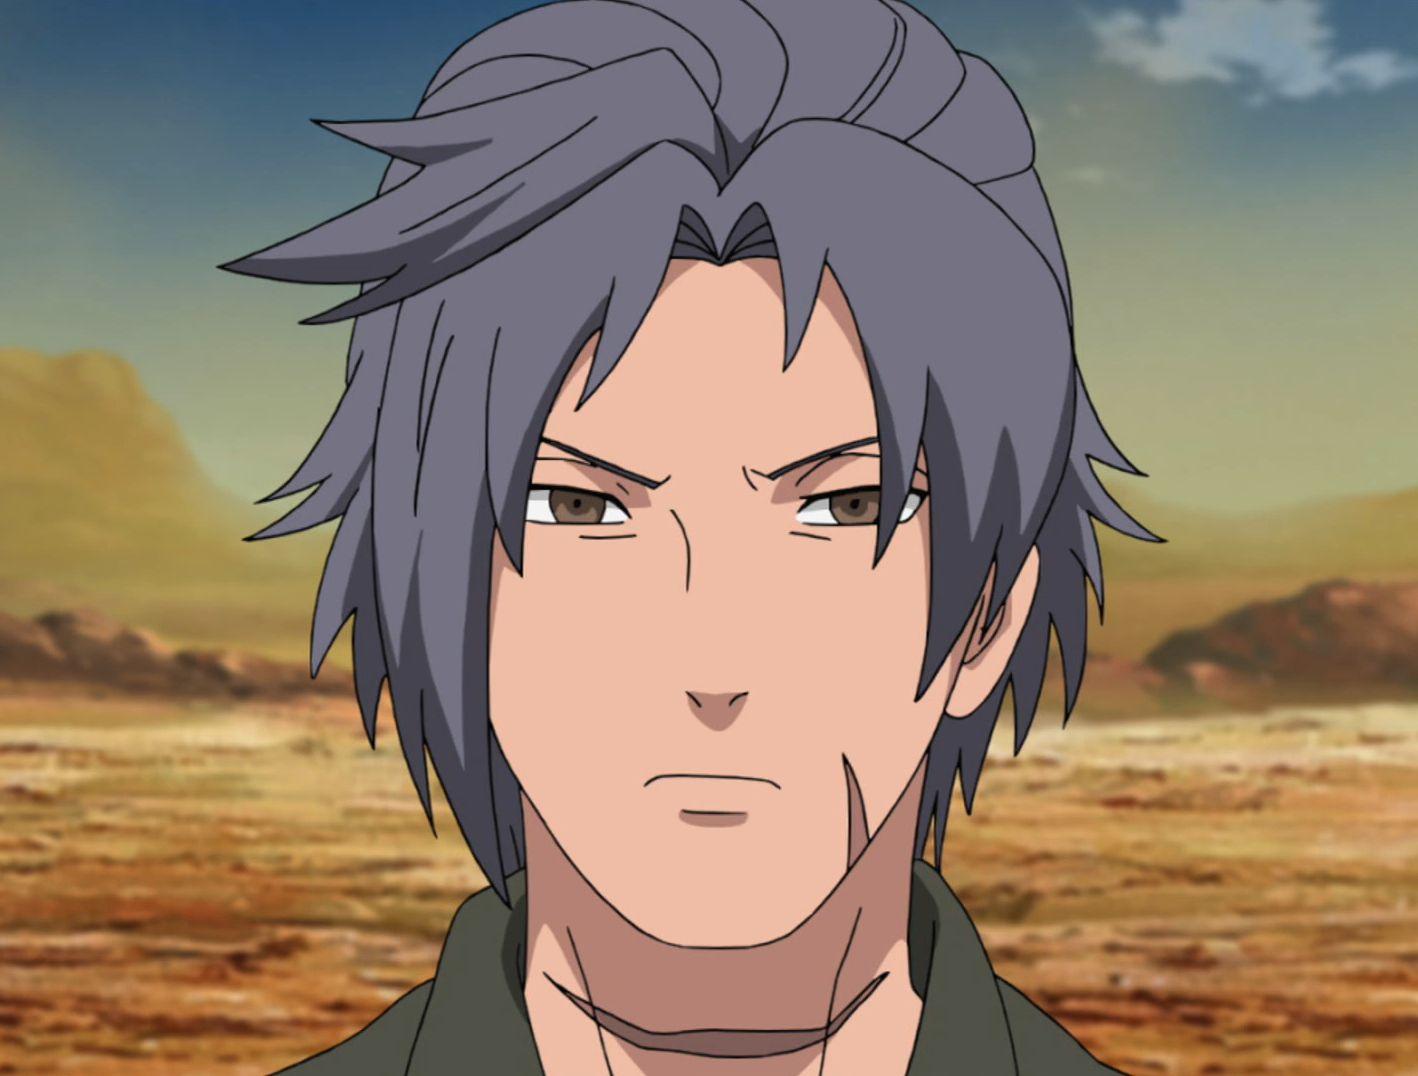 Oneshots - Anime, YouTuber, Schauspieler.. Einfach Das